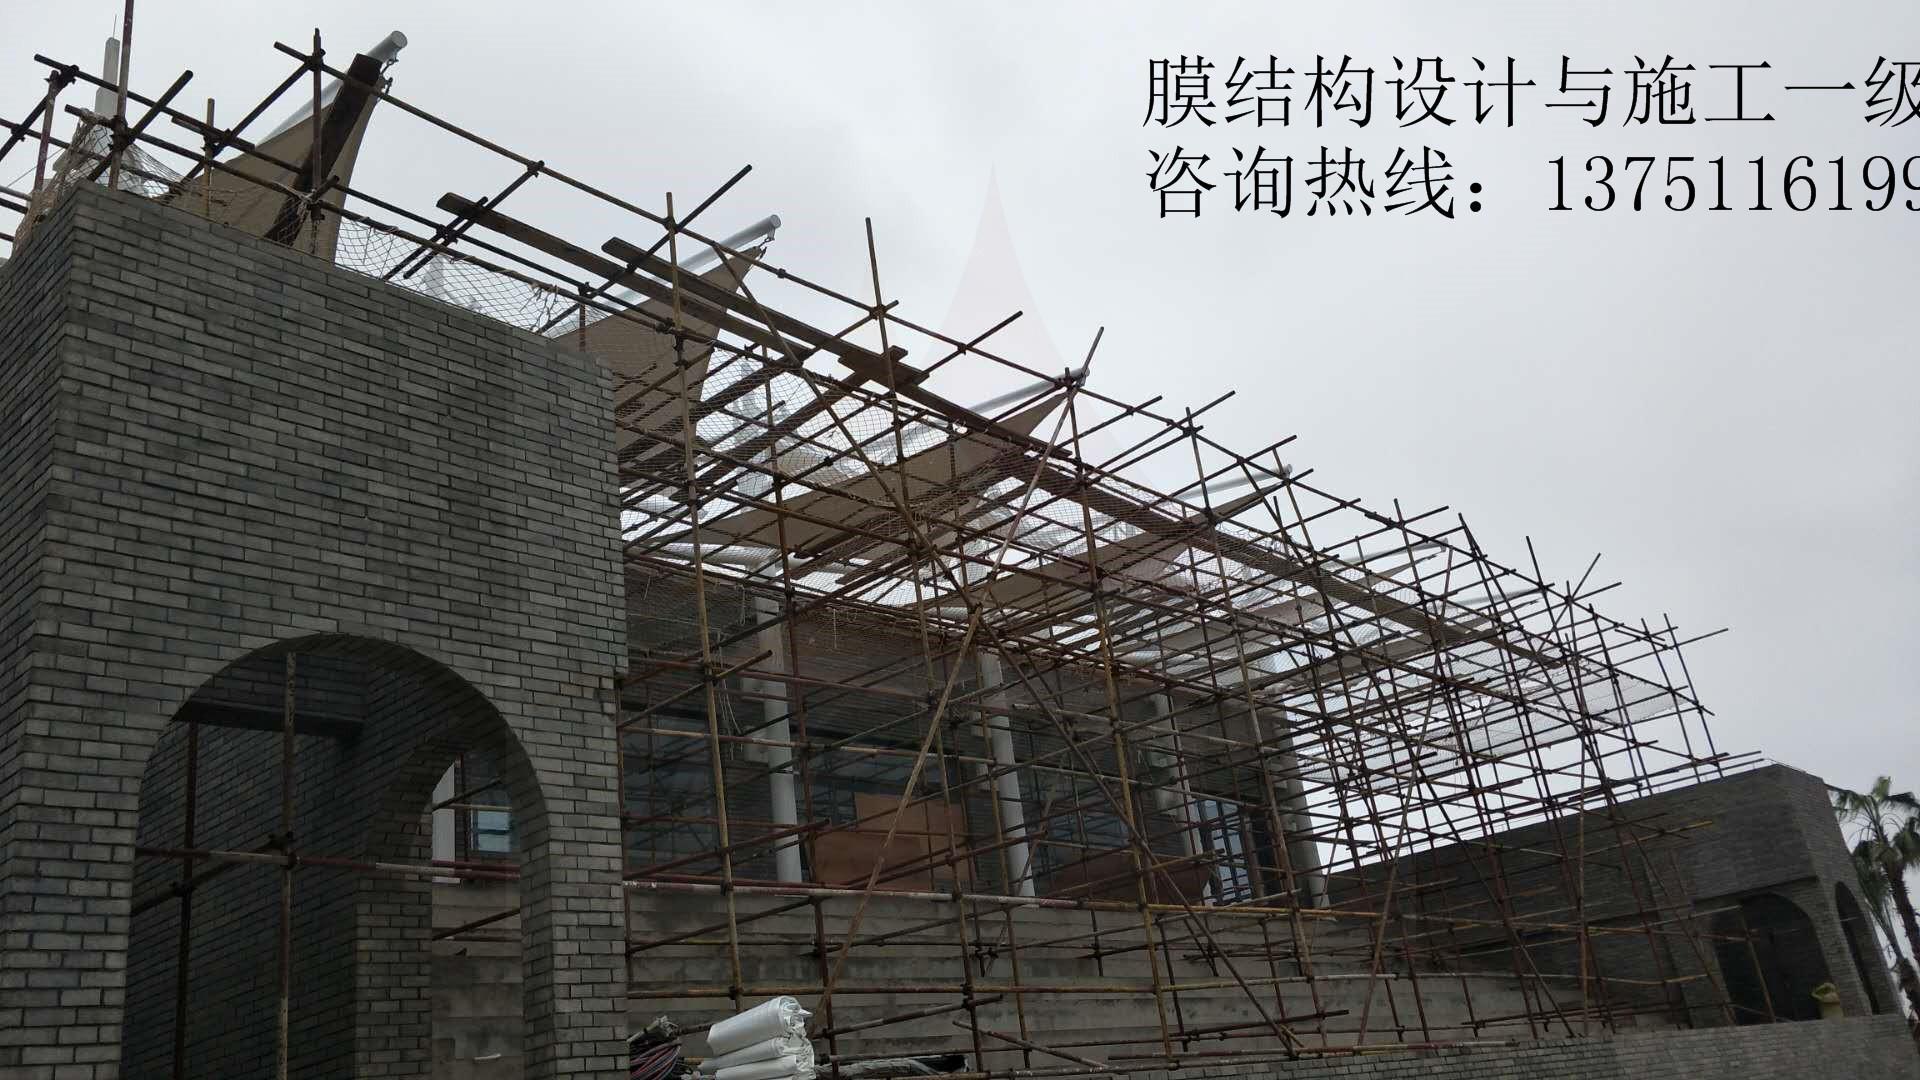 海南长影 (3).jpg